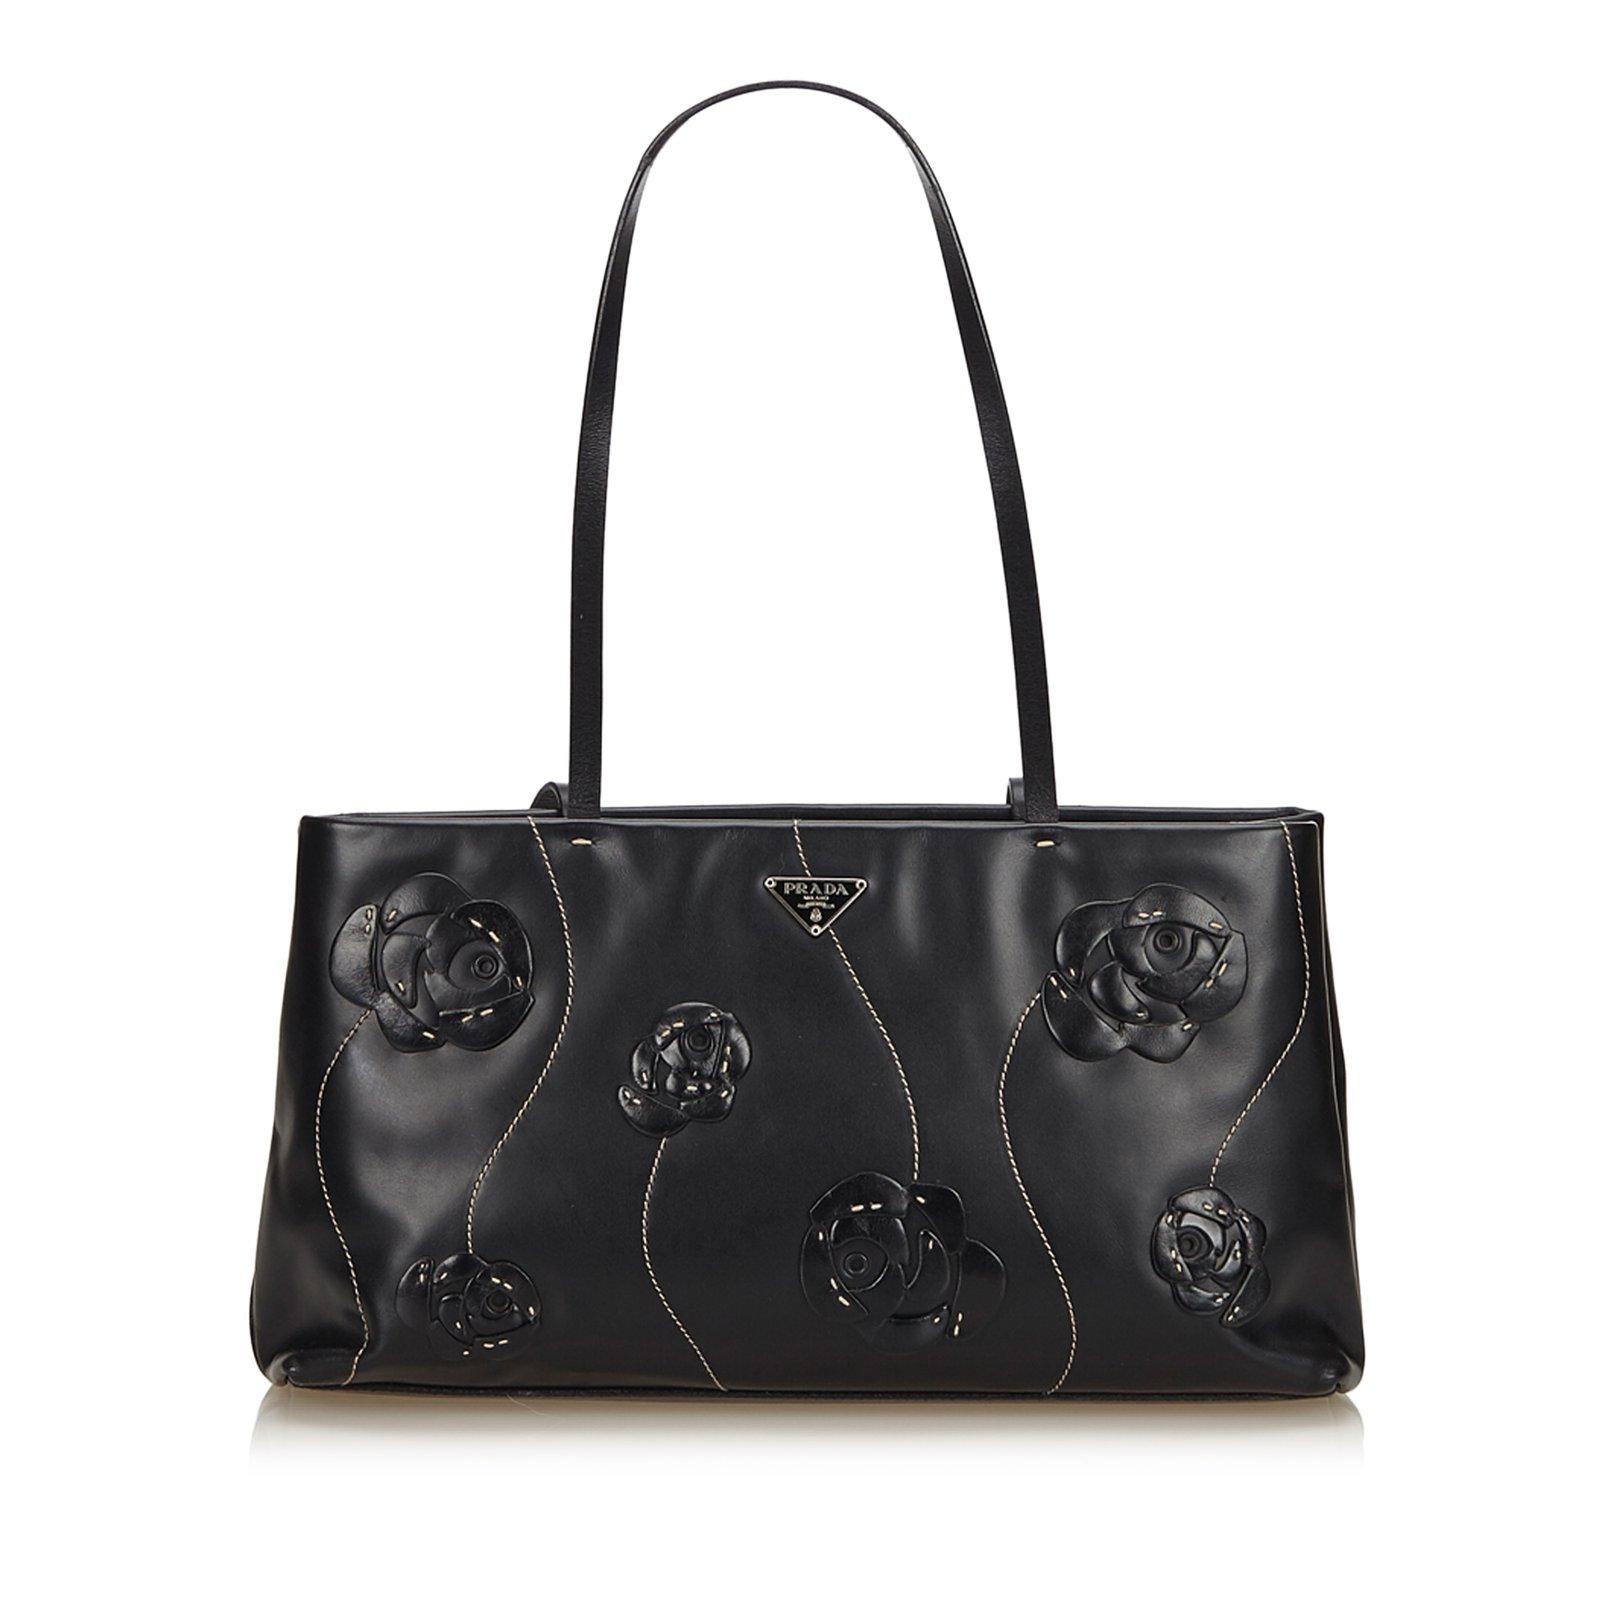 87f1e0a6cf7339 Prada Embelllished Flower Leather Shoulder Bag Handbags Leather,Other Black  ref.82440